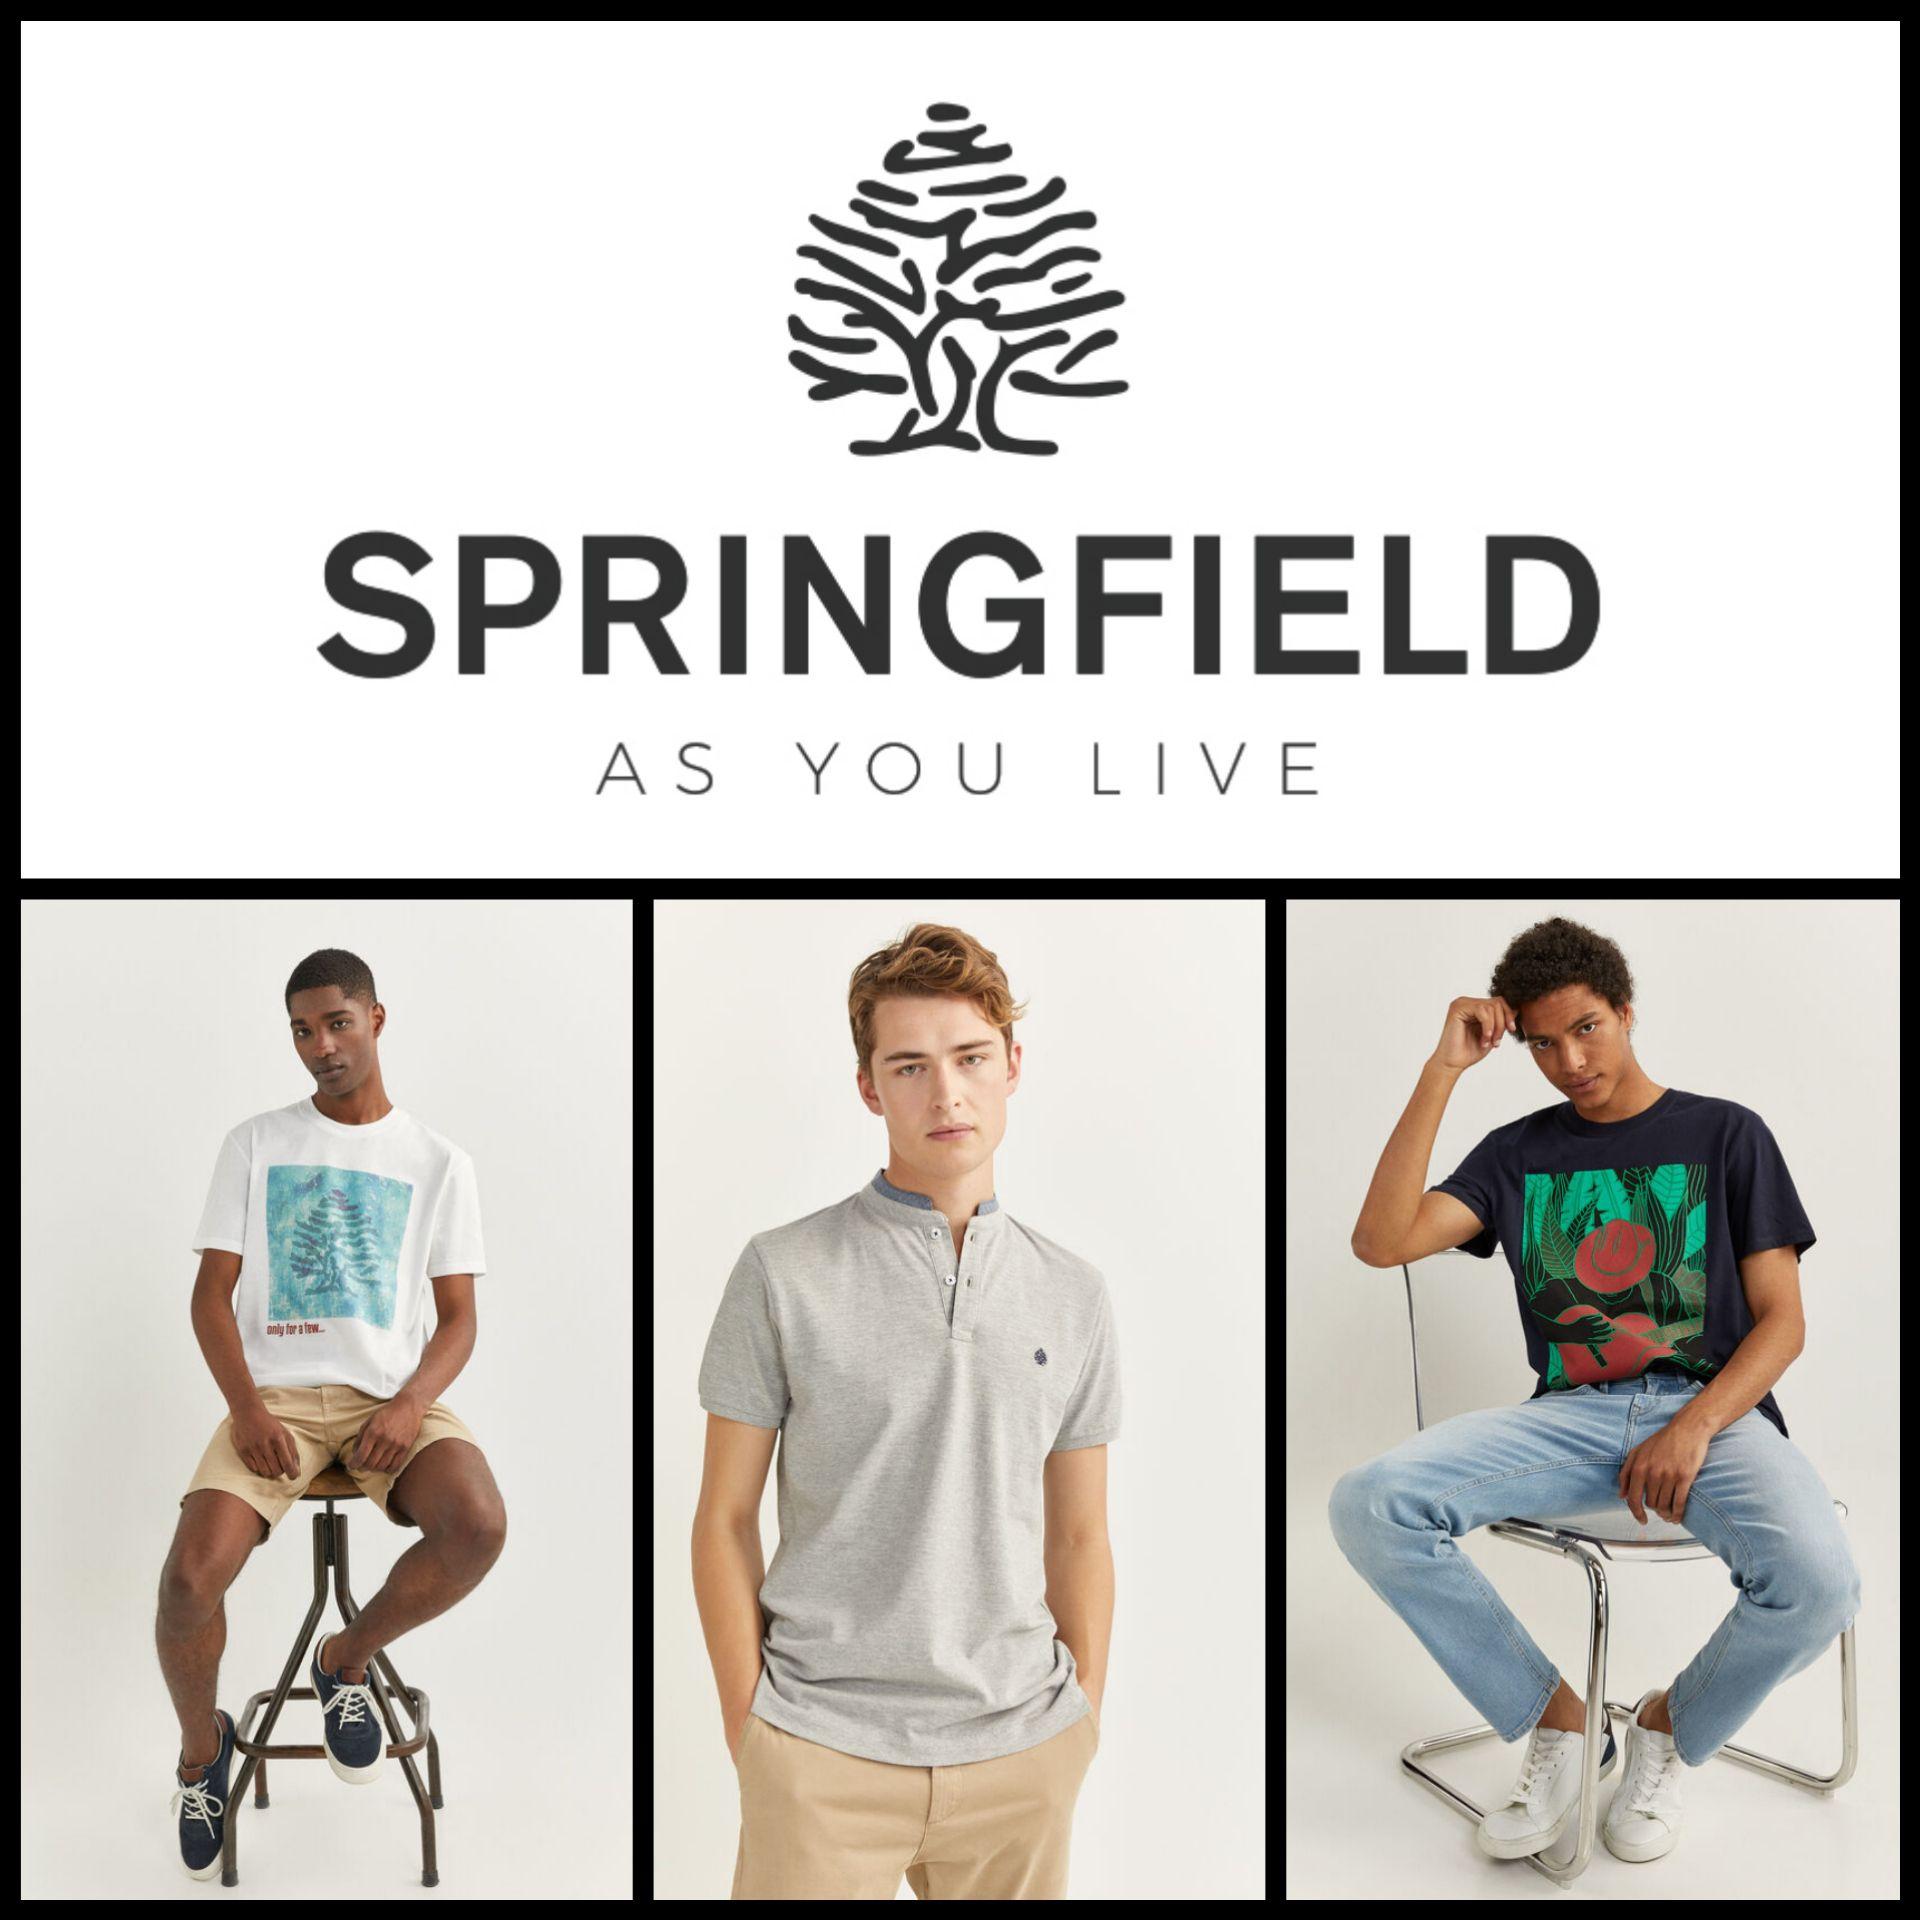 Súper Recopilación Camisetas Springfield para Hombre por 5,10€ y 6,40€